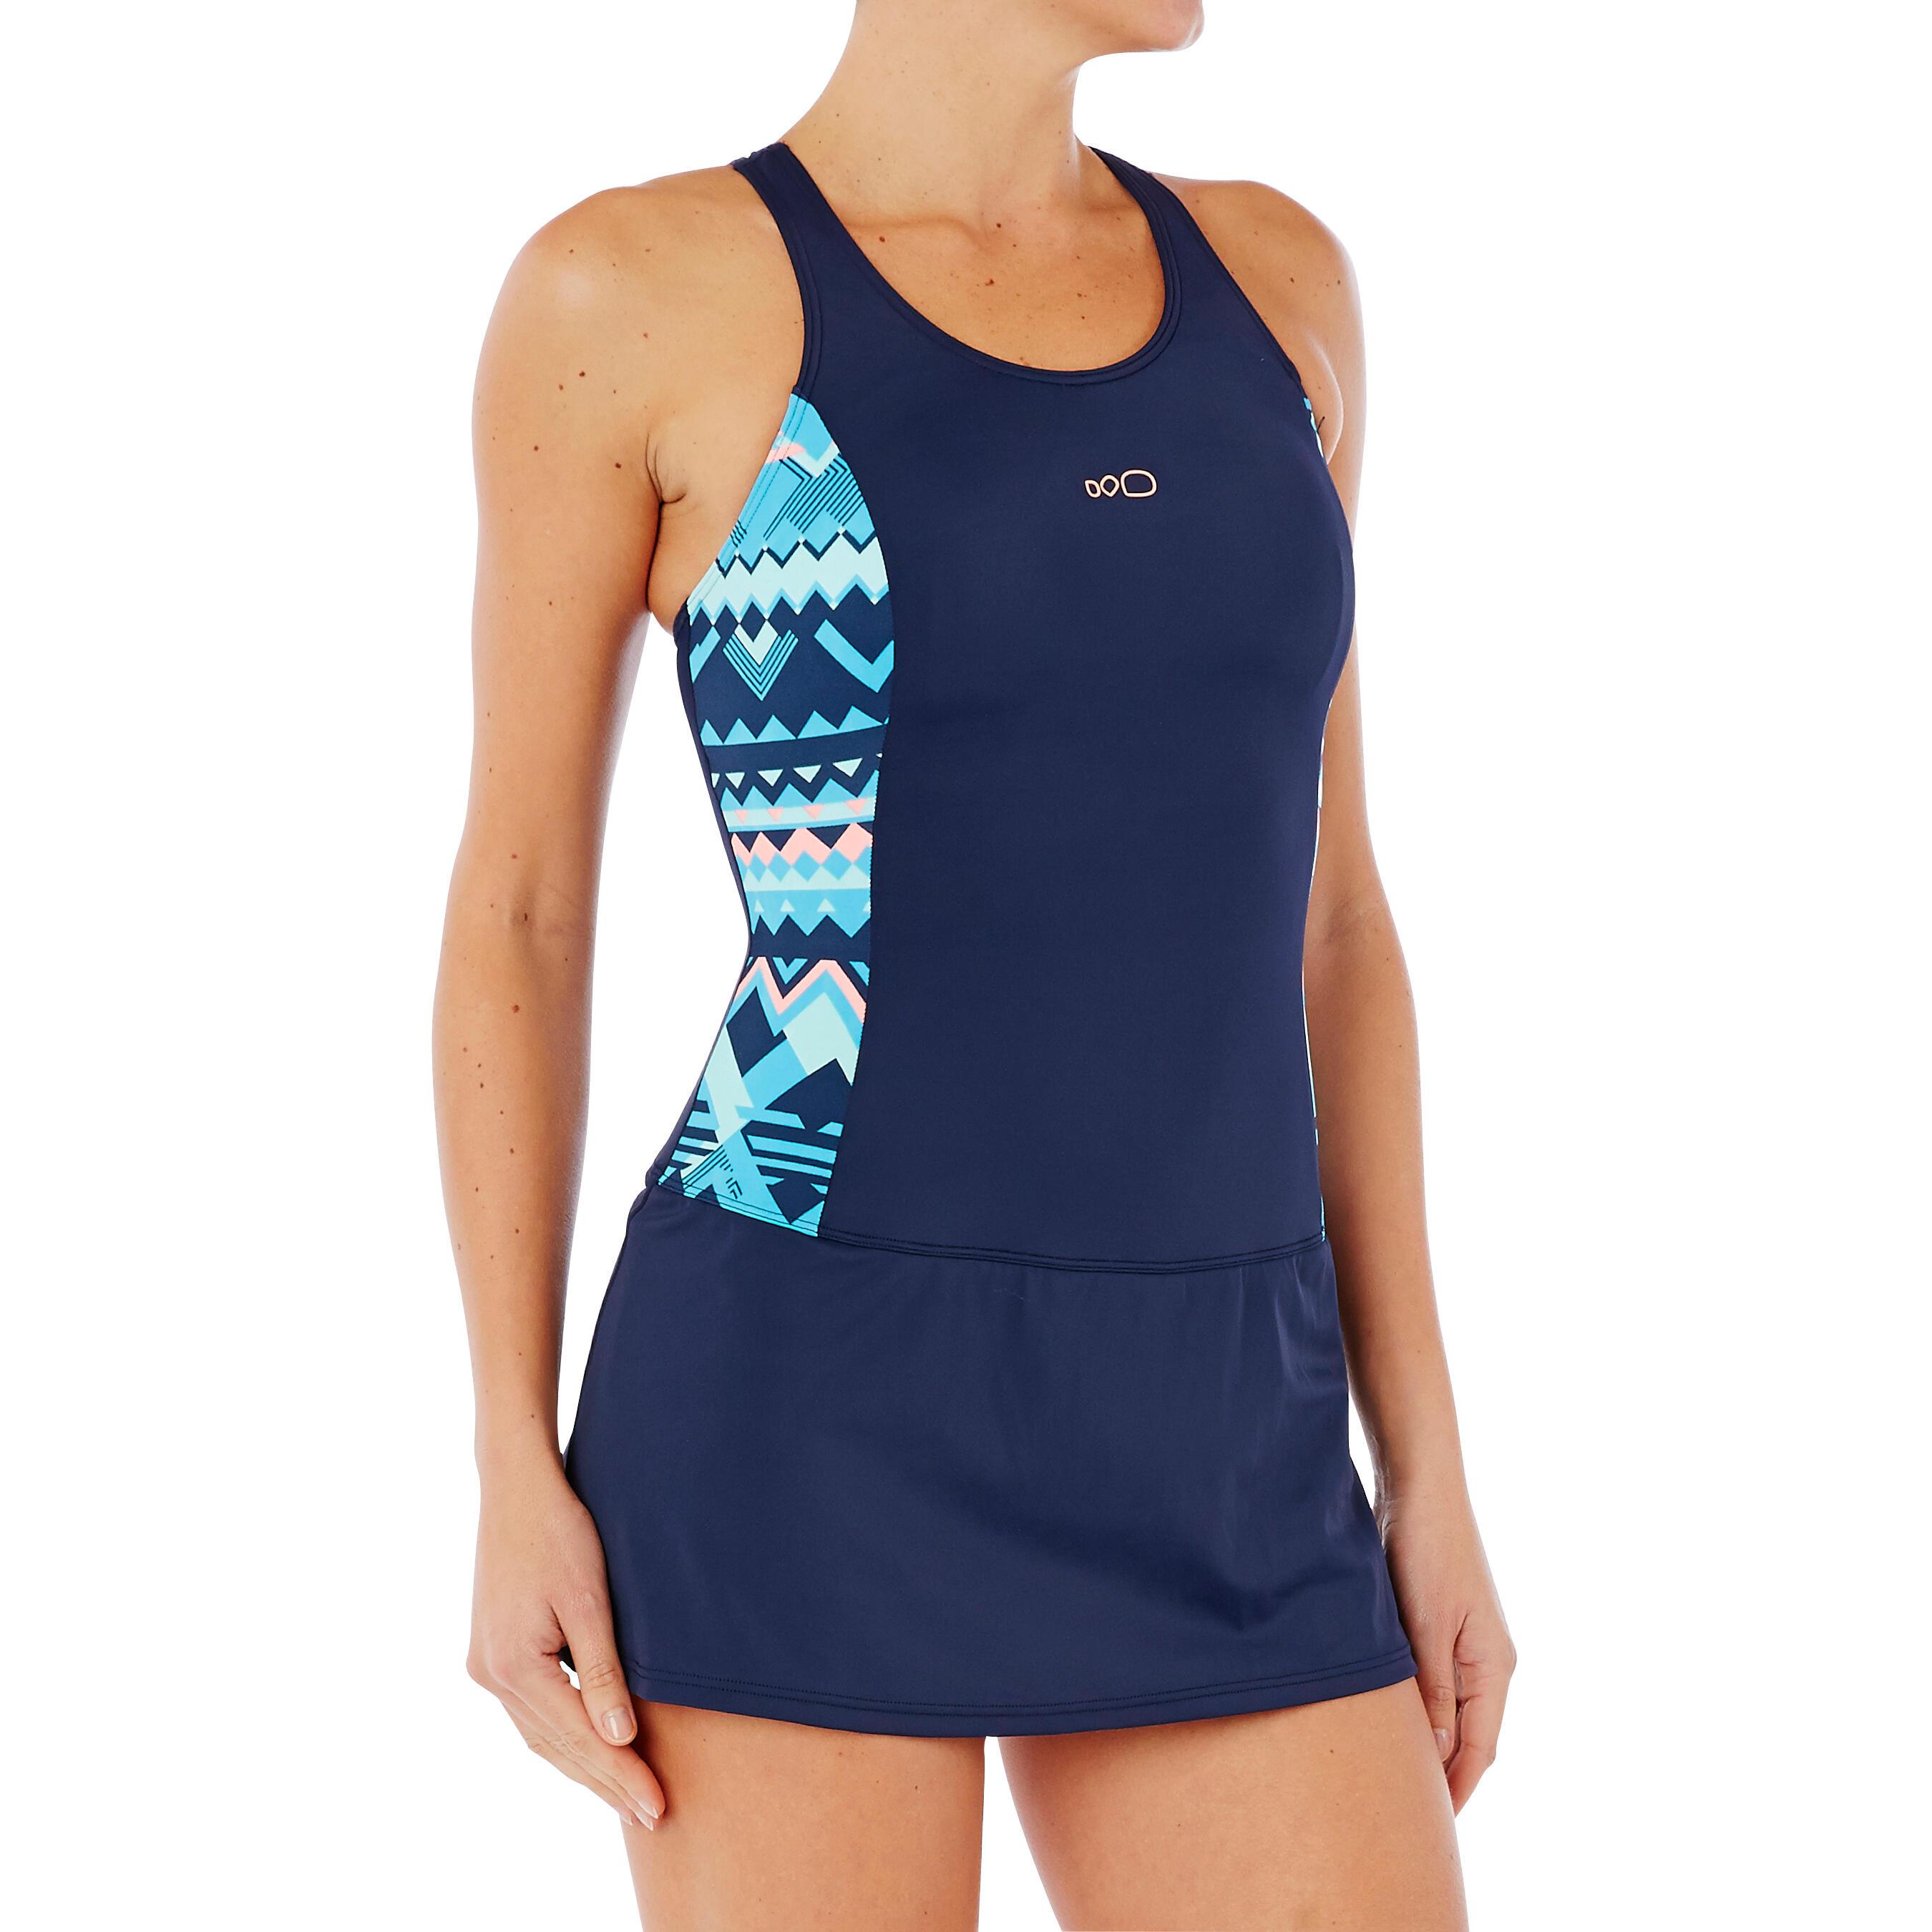 Vega Women's One-Piece Skirt Swimsuit - Blue